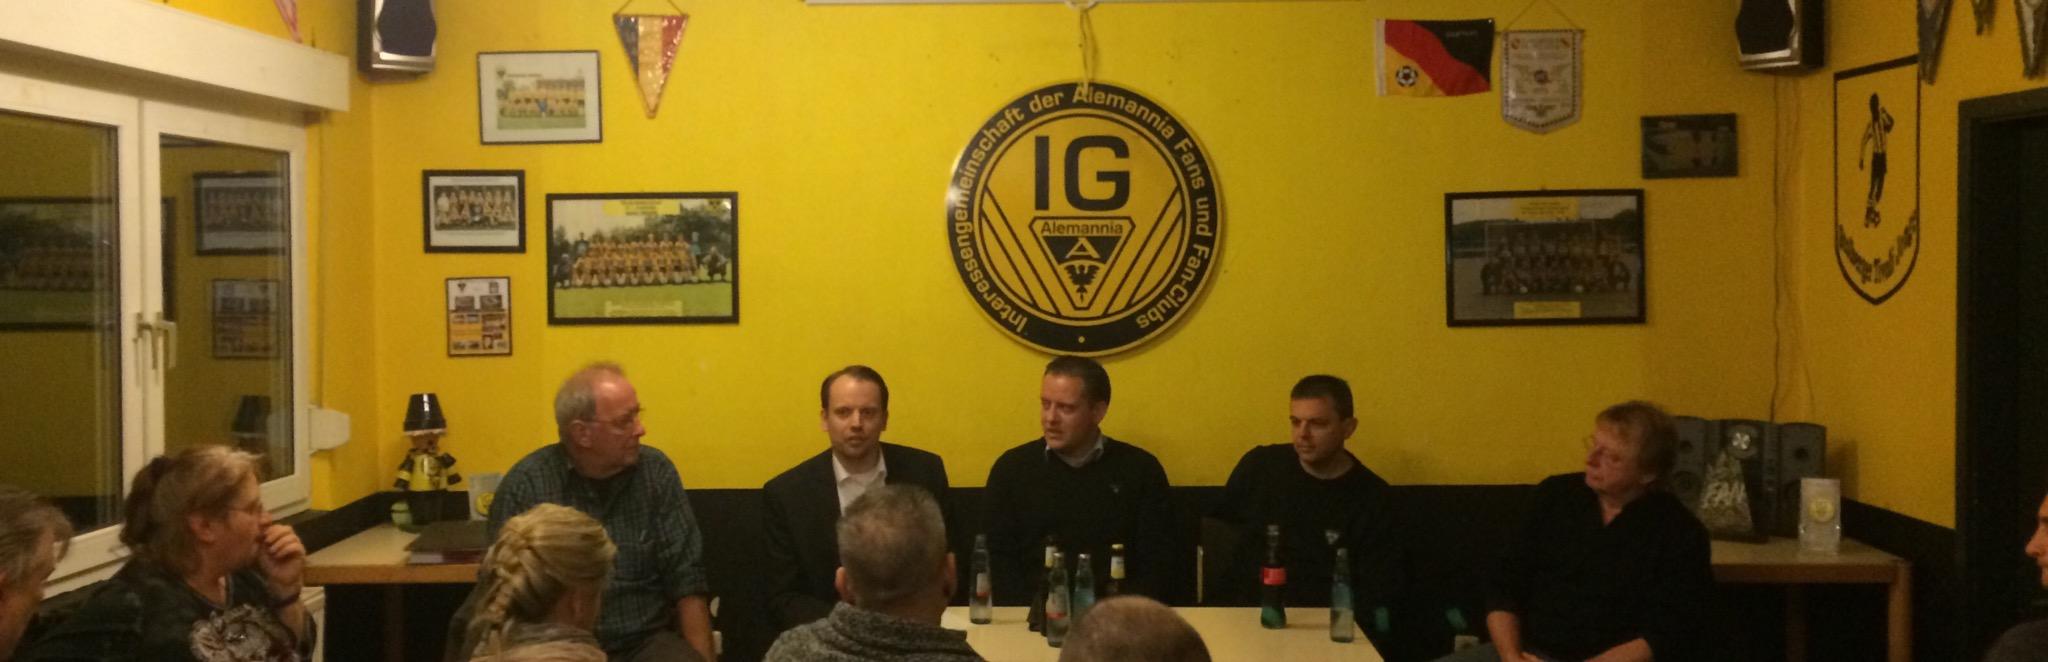 Diskussionsabend im Werner-Fuchs-Haus zum Erhalt des Klömpchensklub im Tivoli